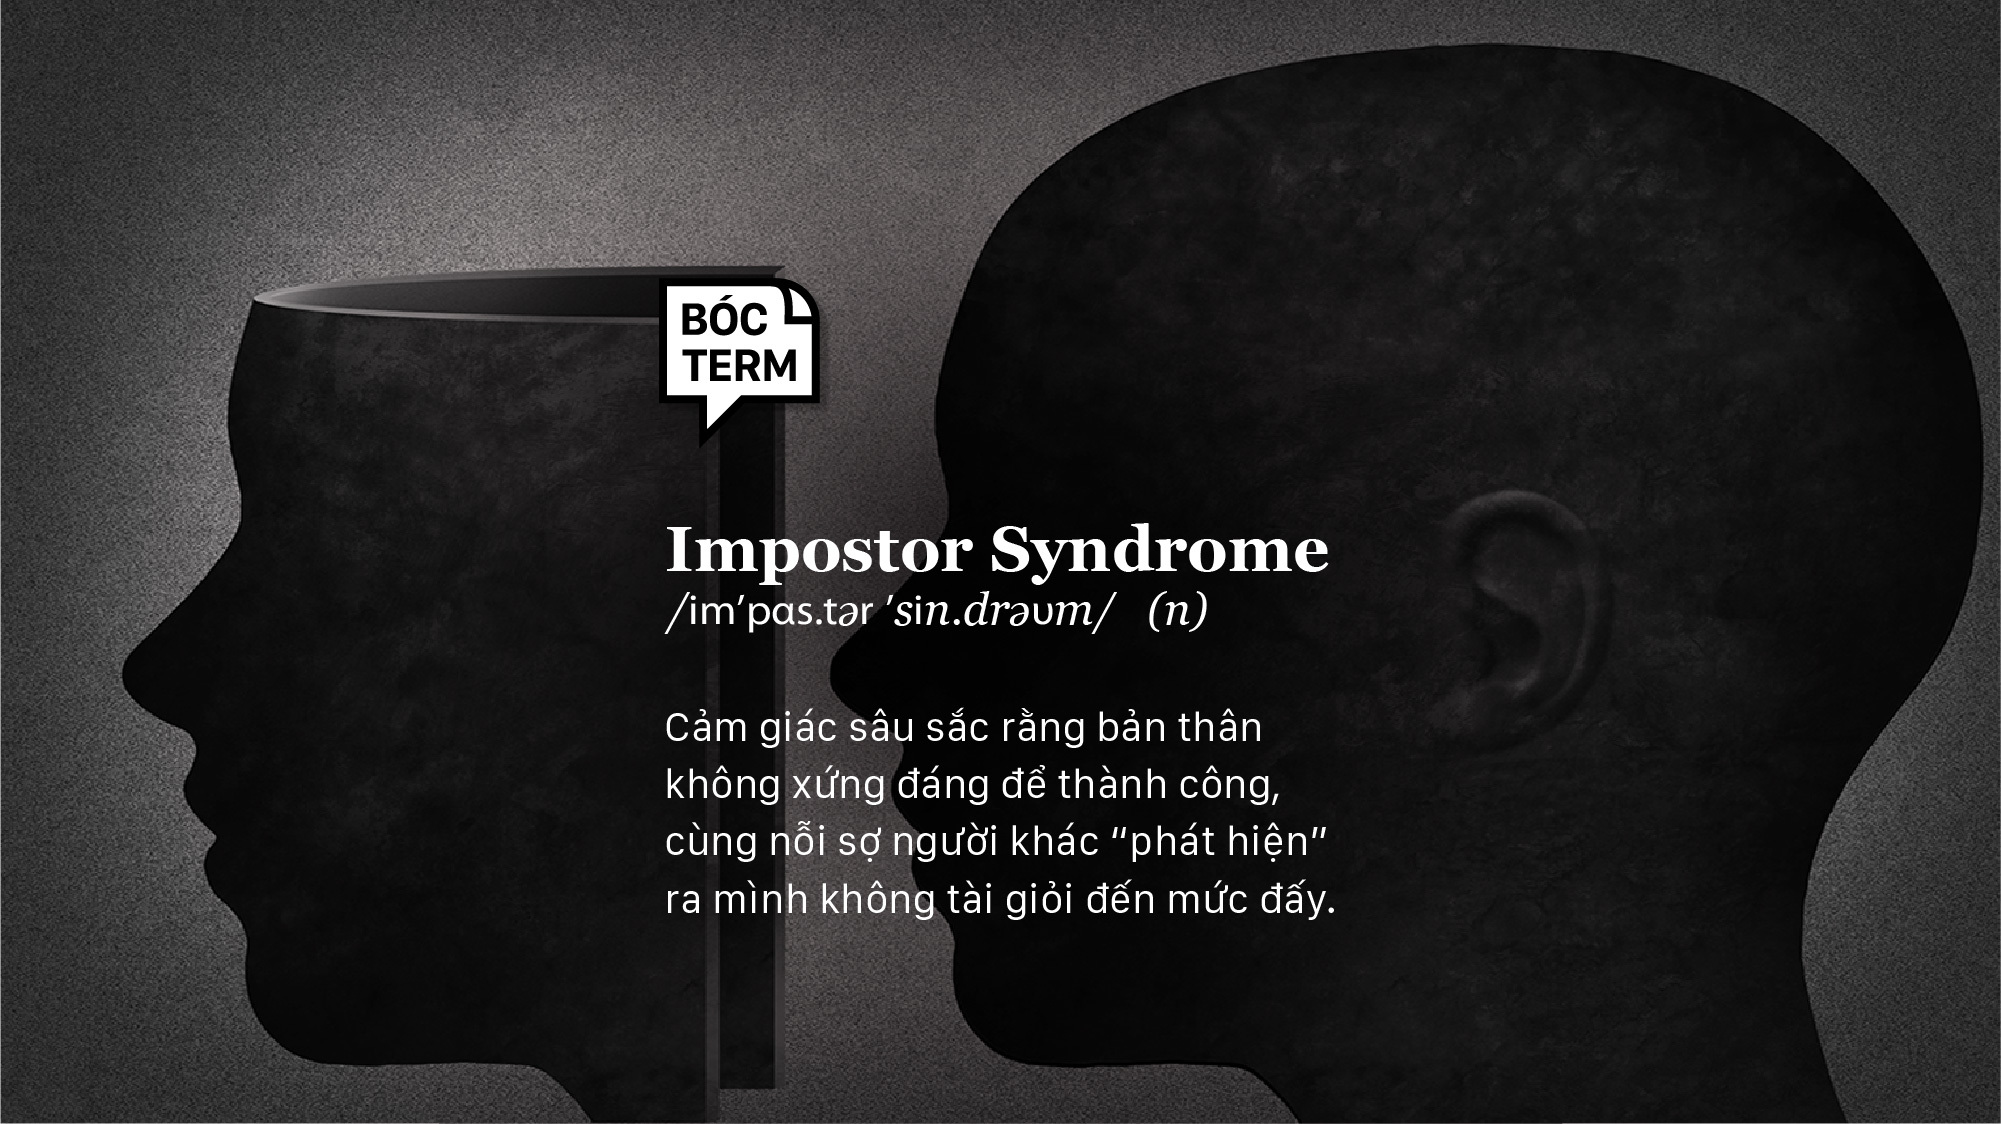 Bóc Term: Impostor syndrome là gì?